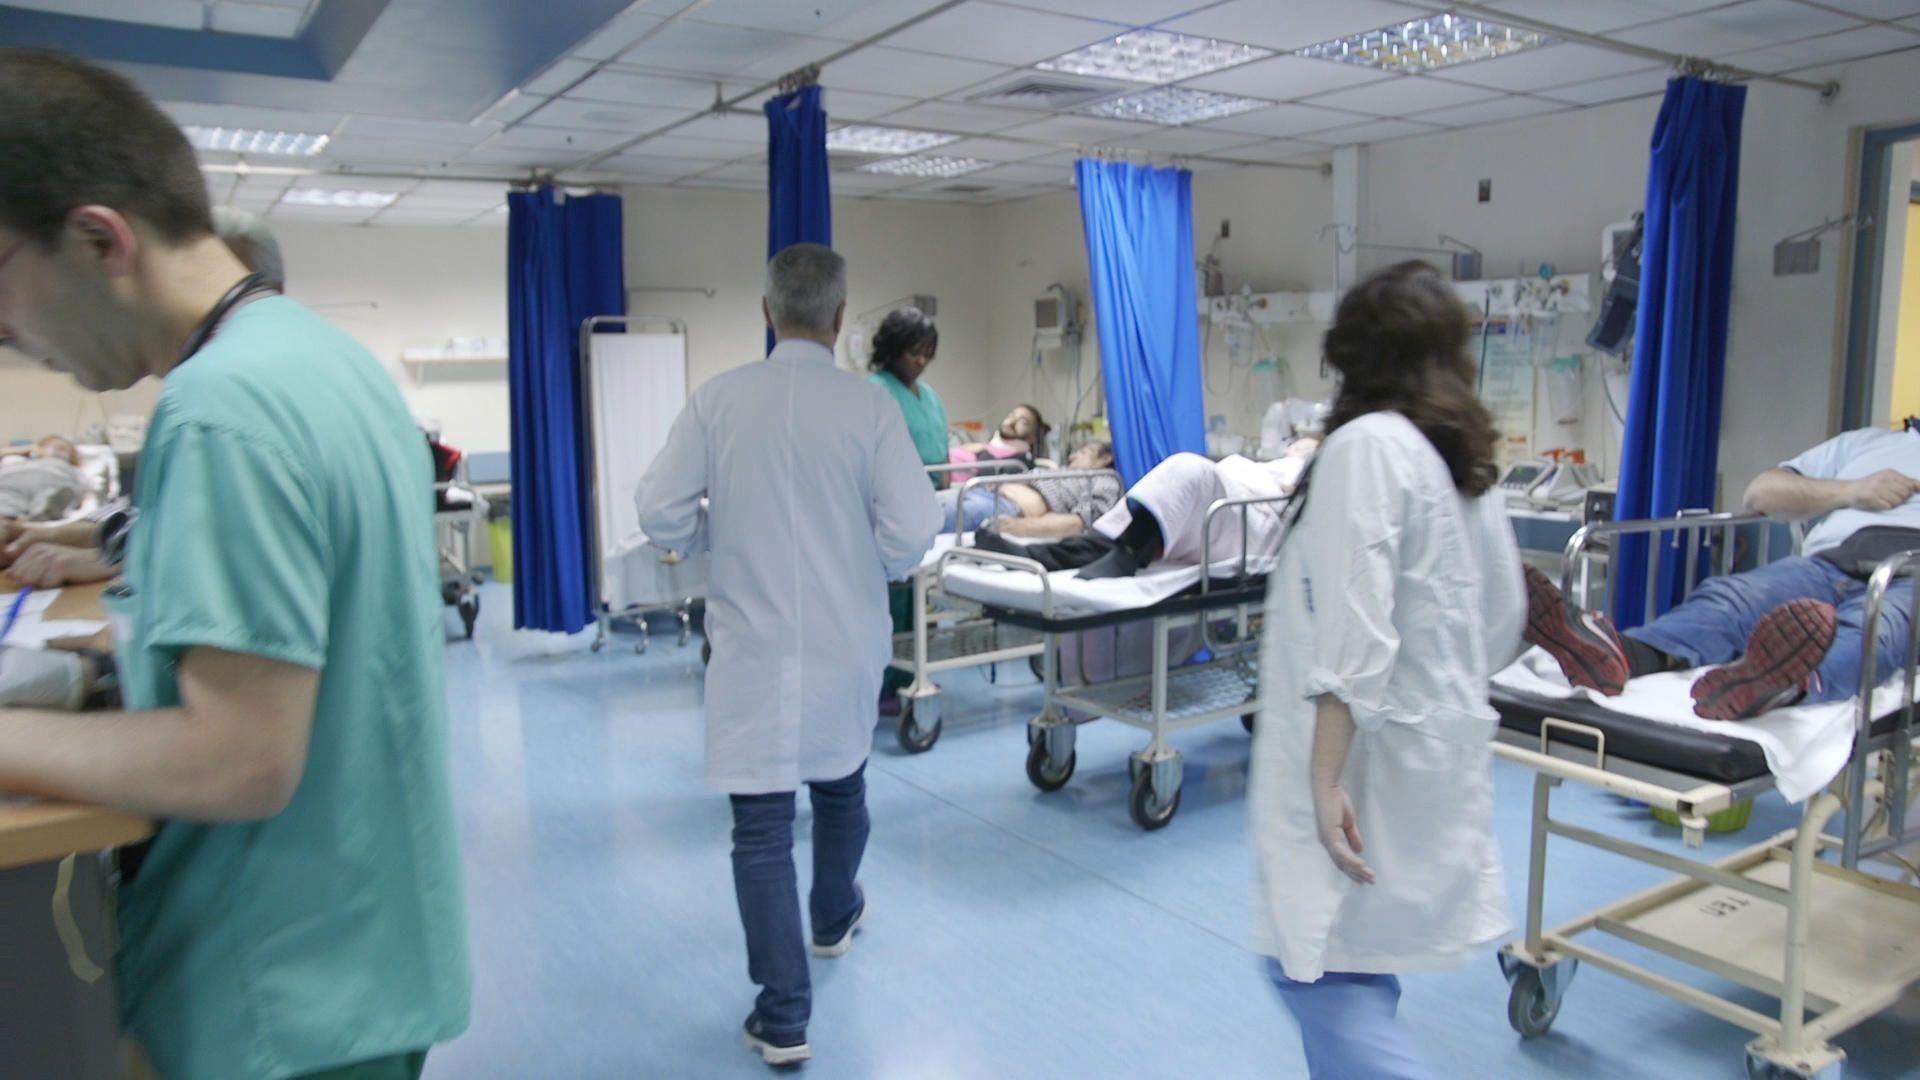 Τα δημόσια νοσοκομεία εμφανίζουν κατά καιρούς ελλείψεις όχι μόνο σε γιατρούς και νοσηλευτές αλλά ακόμα και σε στοιχειώδη υλικά. Την ίδια περίοδο η επισκεψιμότητα χτυπάει κόκκινο ιδιαίτερα στα μεγάλα δημόσια νοσοκομεία στην Αττική. Οι επαγγελματίες υγείας δηλώνουν εξαντλημένοι και γερασμένοι από τις πολύ πιεστικές συνθήκες εργασίας με αποτέλεσμα το 40-55% του προσωπικού να υποφέρει από το σύνδρομο επαγγελματικής εξουθένωσης (burnout syndrome).